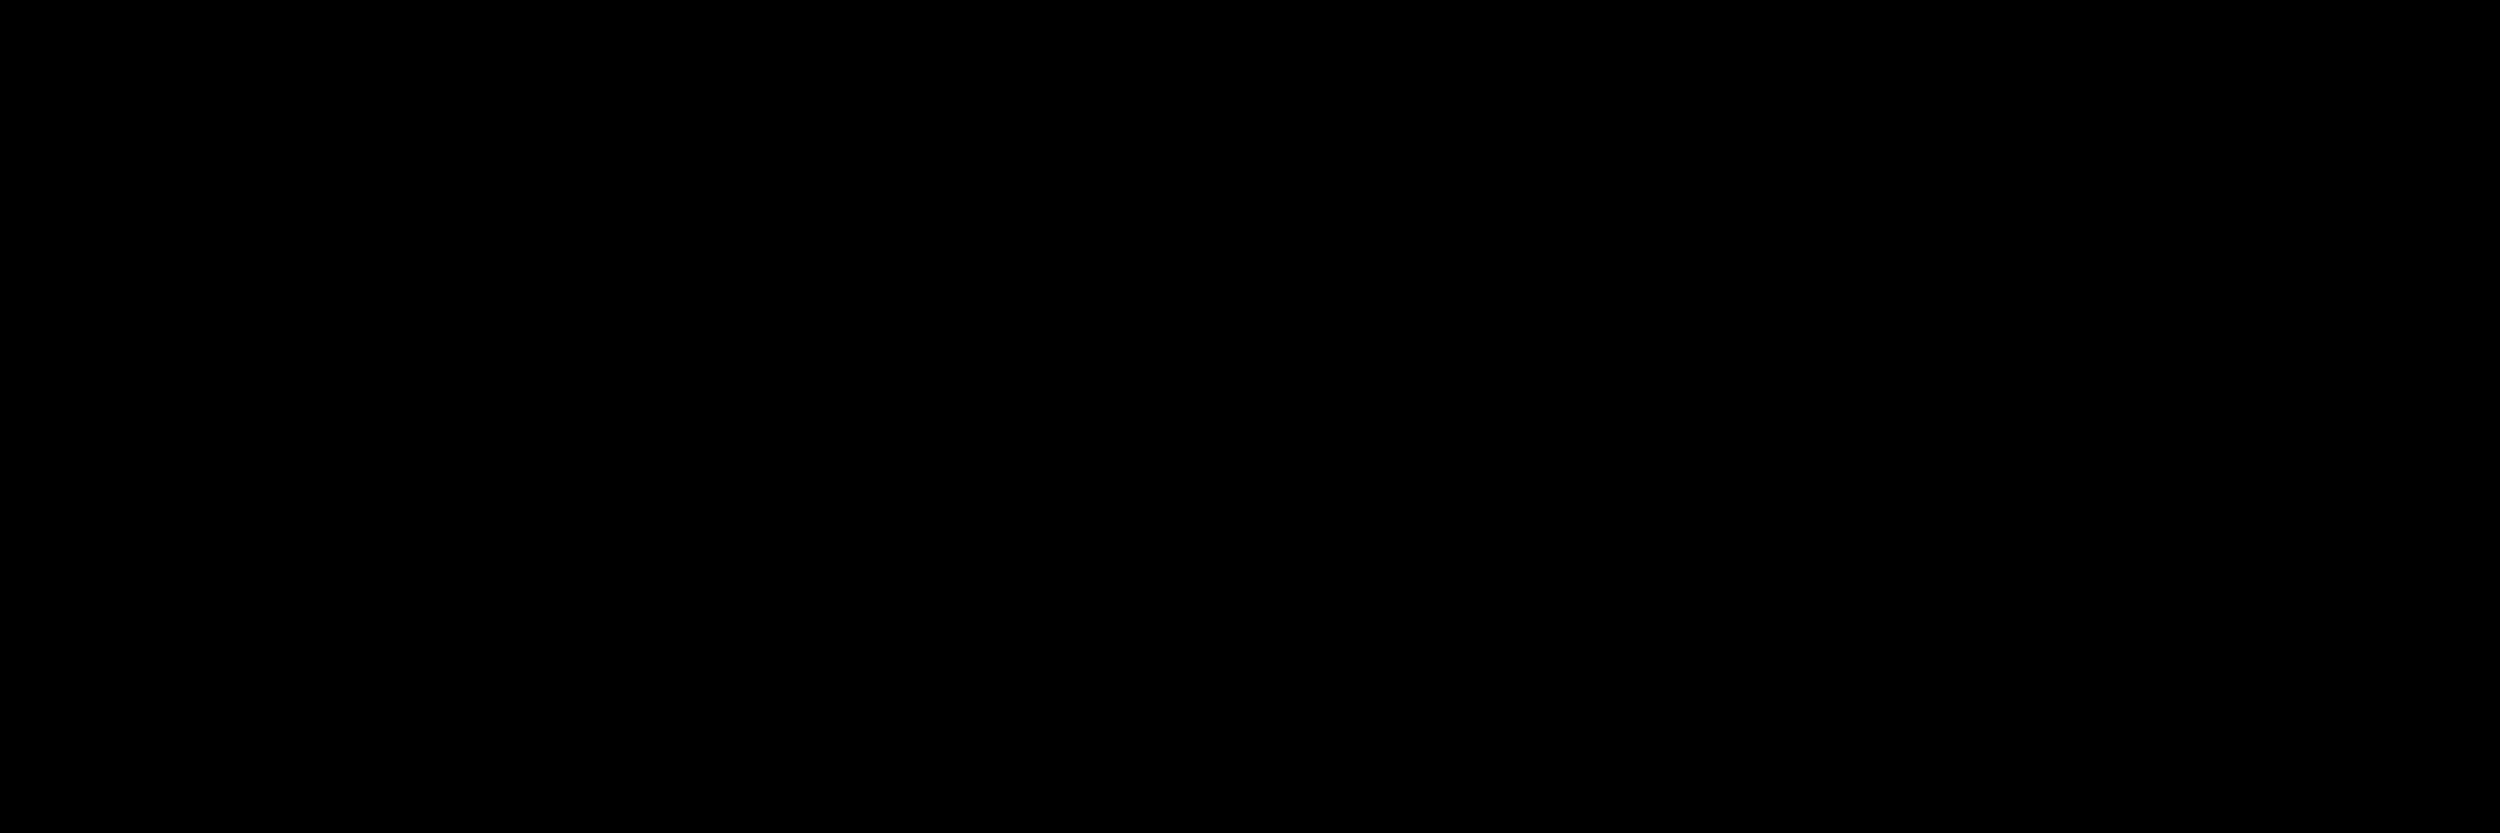 tjm-jw-graphics_lockup-black.png